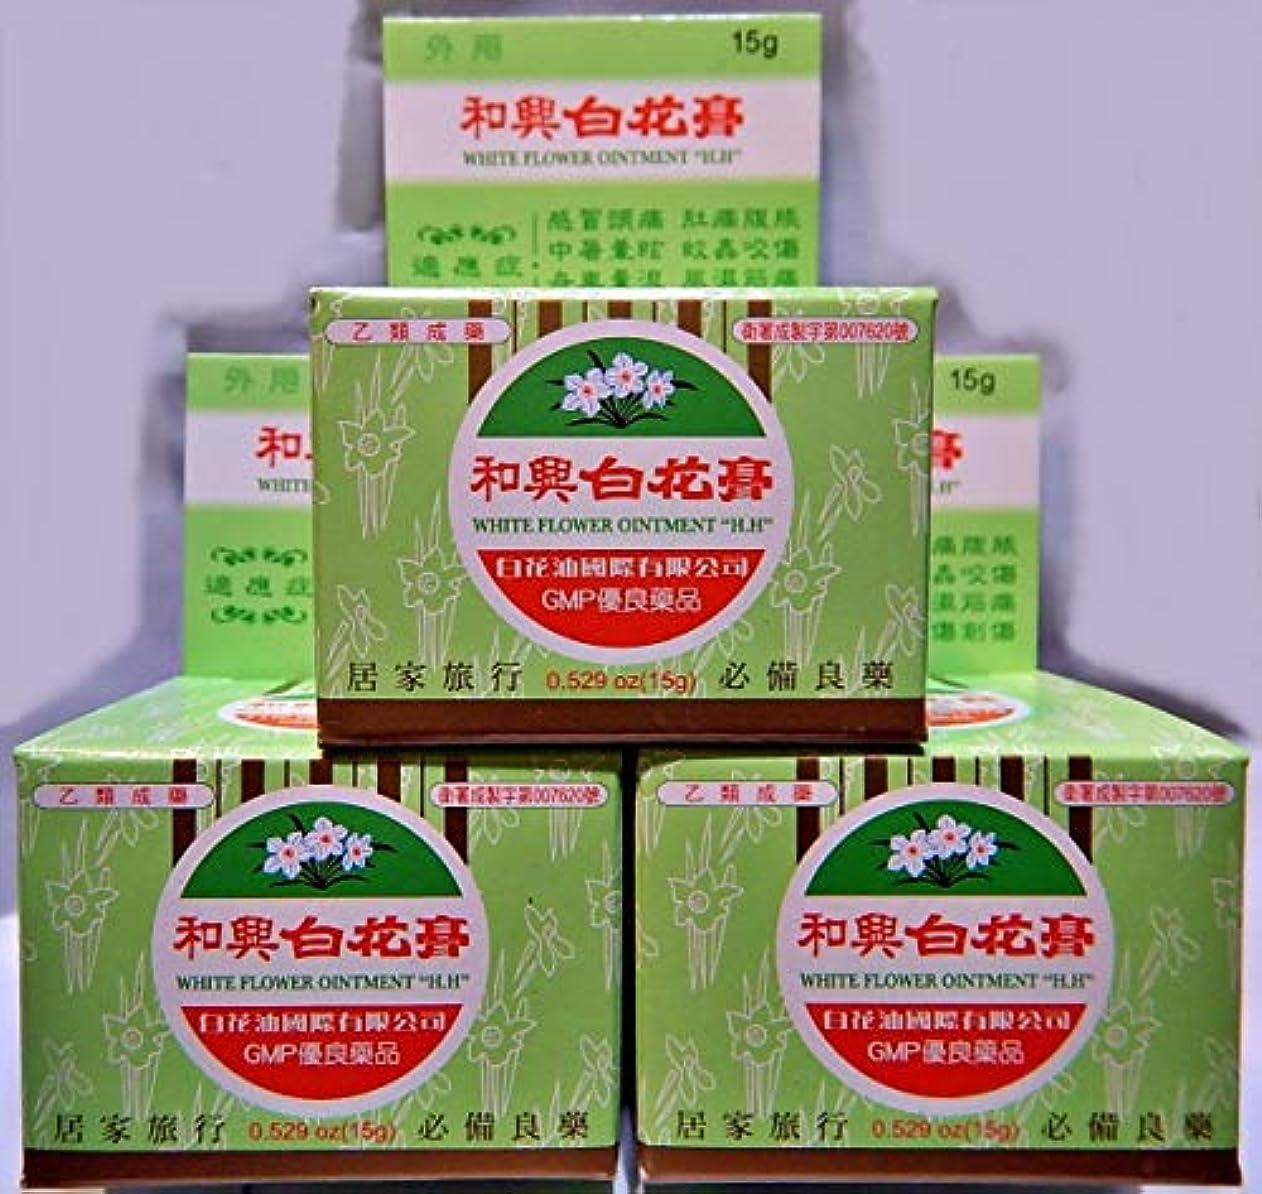 クリアスキャンダル四面体《和興》白花膏 15g(白花油軟膏タイプ)× 3個《台湾 お土産》 [並行輸入品]